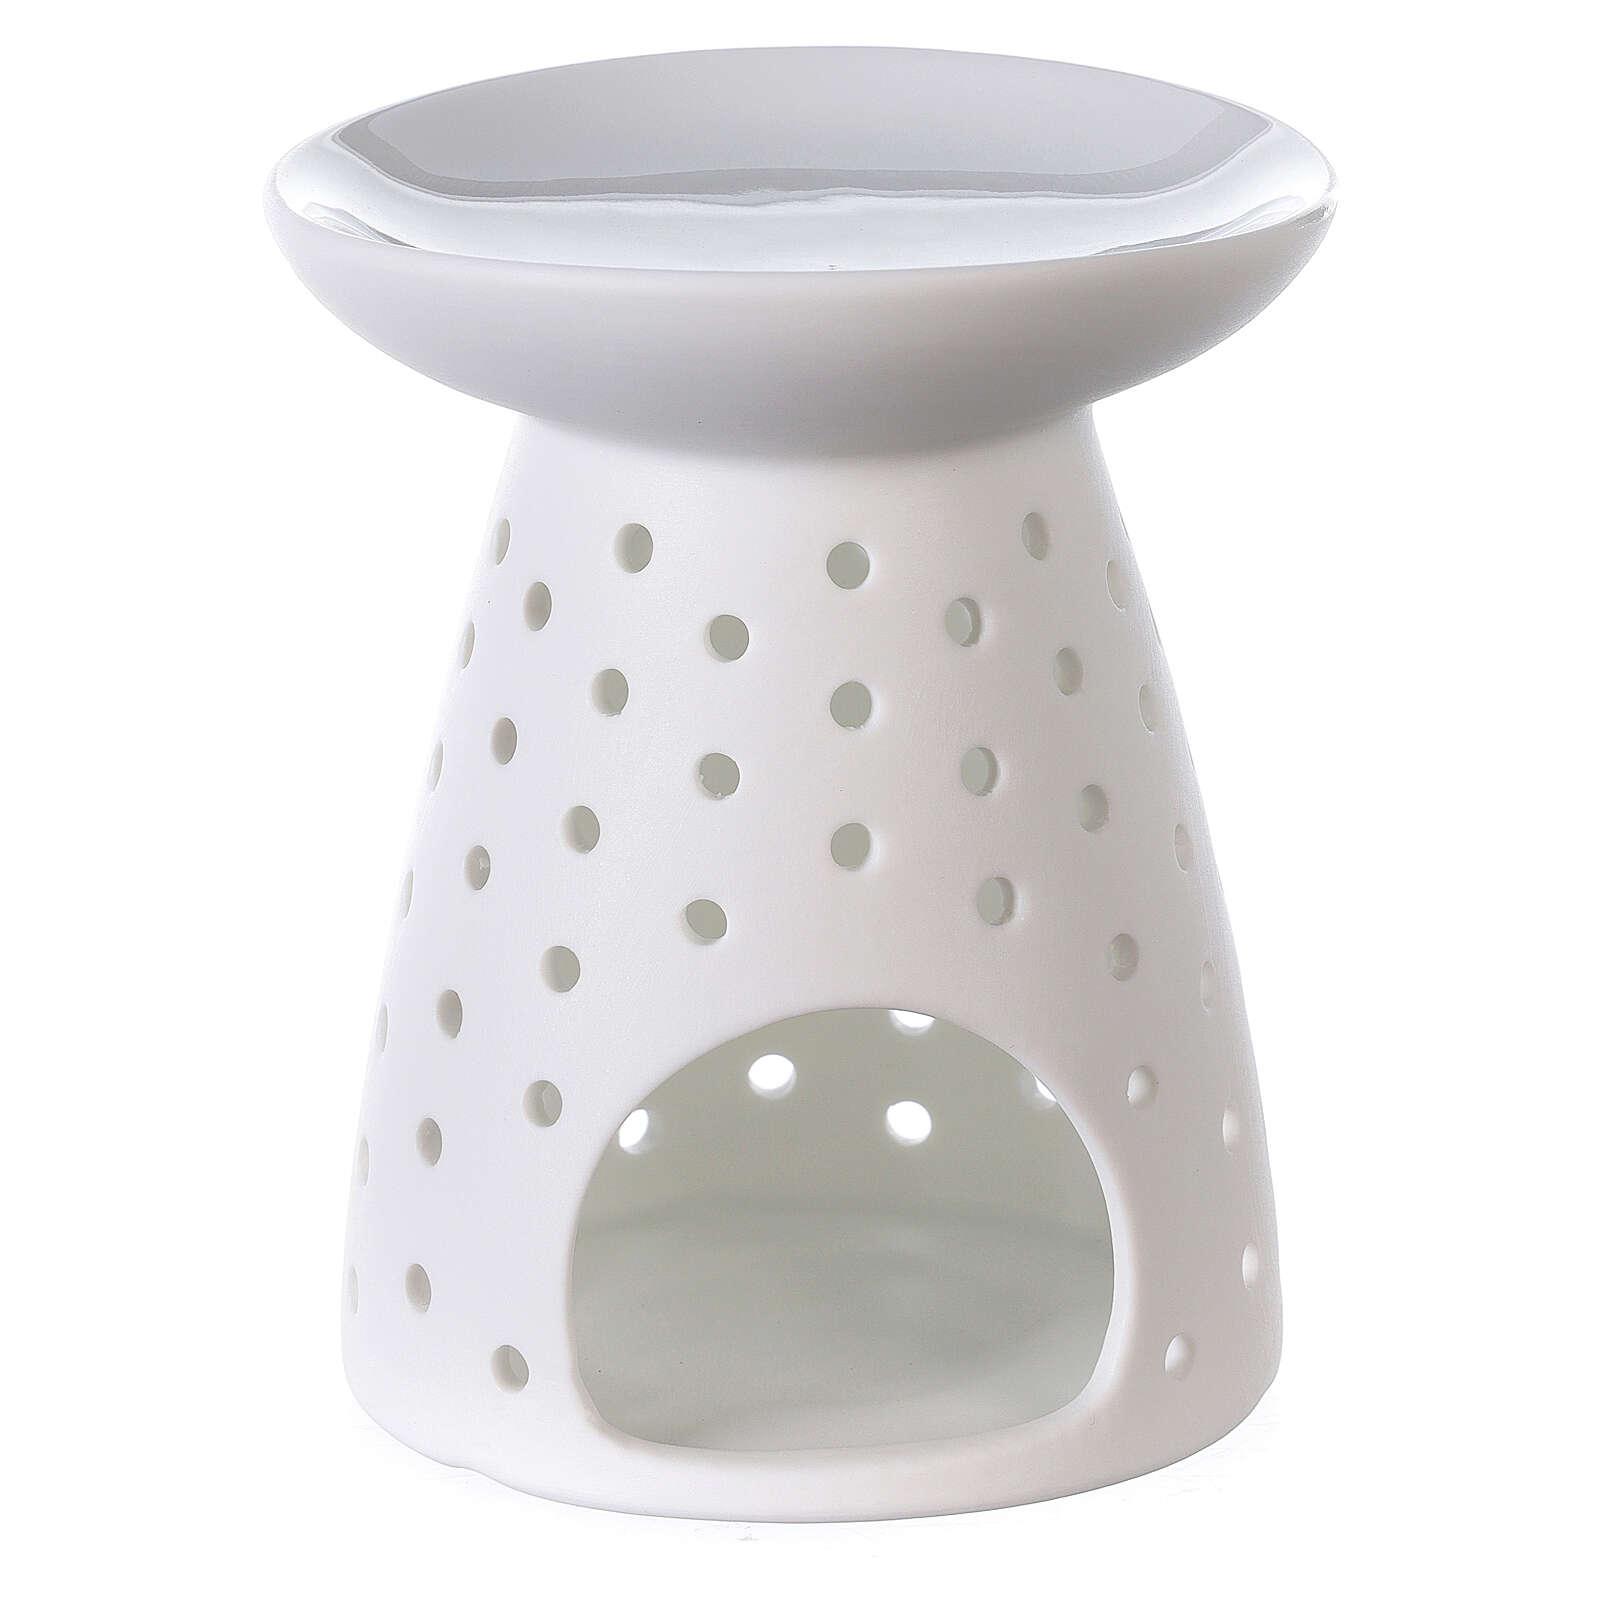 Diffuseur blanc en porcelaine avec petites ouvertures 10x12 cm 3